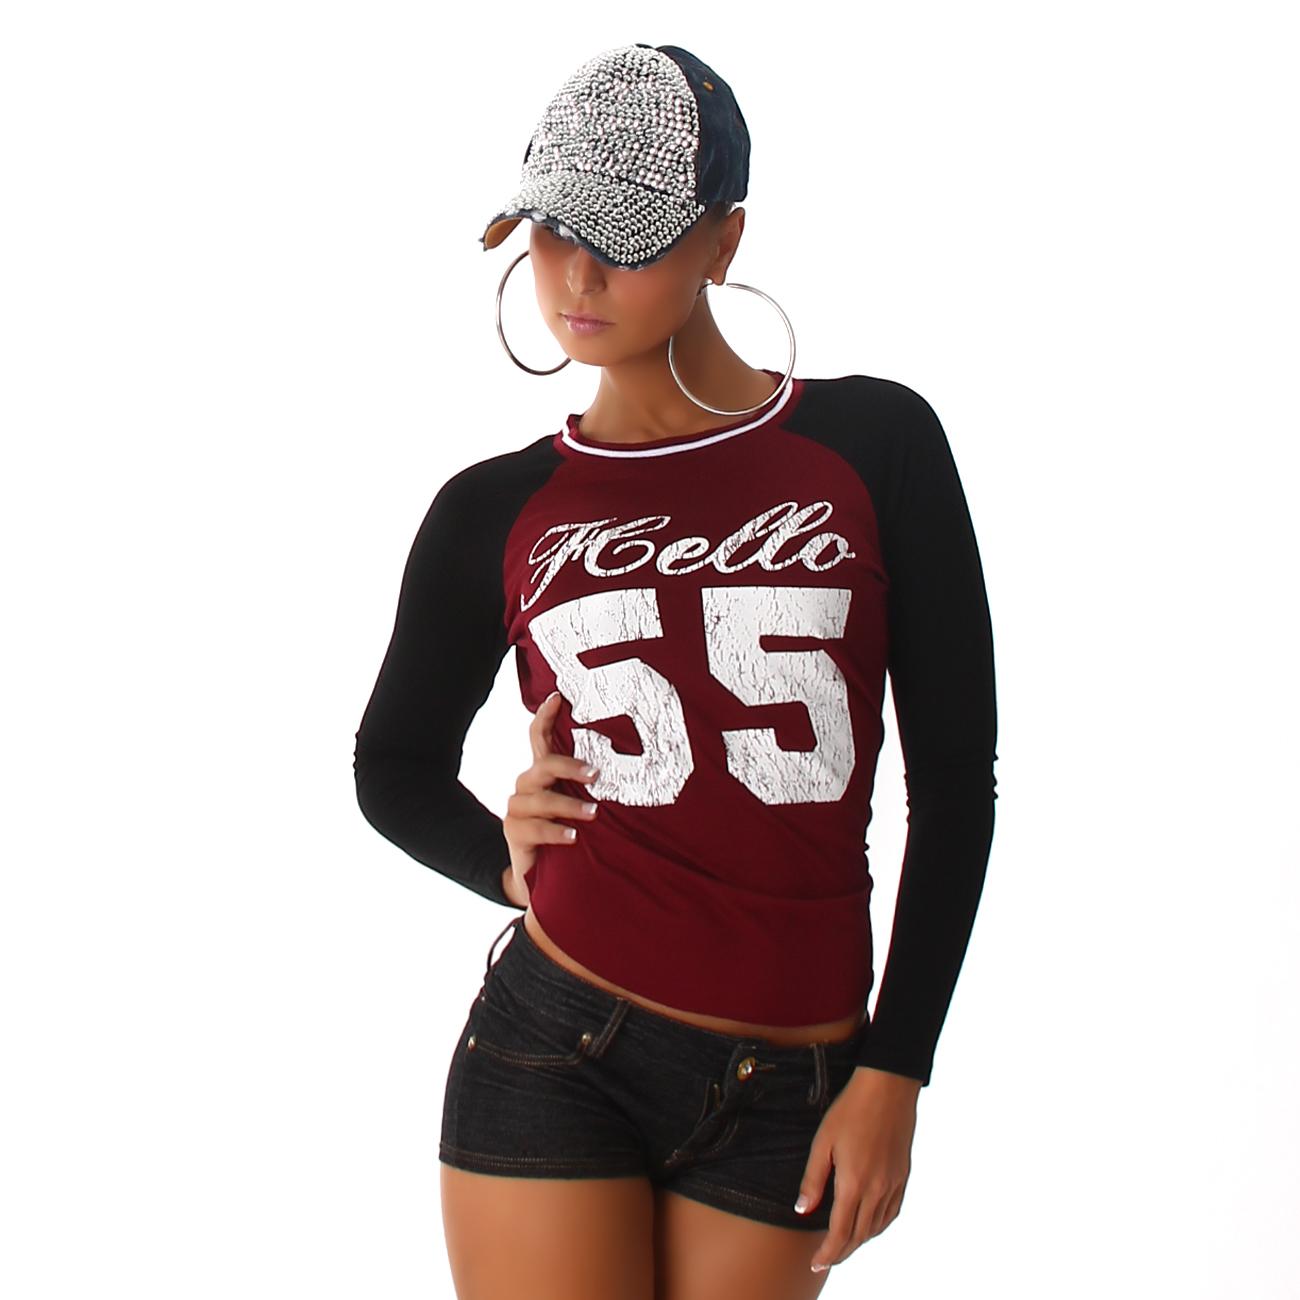 Voyelles dámské tričko s potiskem bordó 5e3ac52dc5